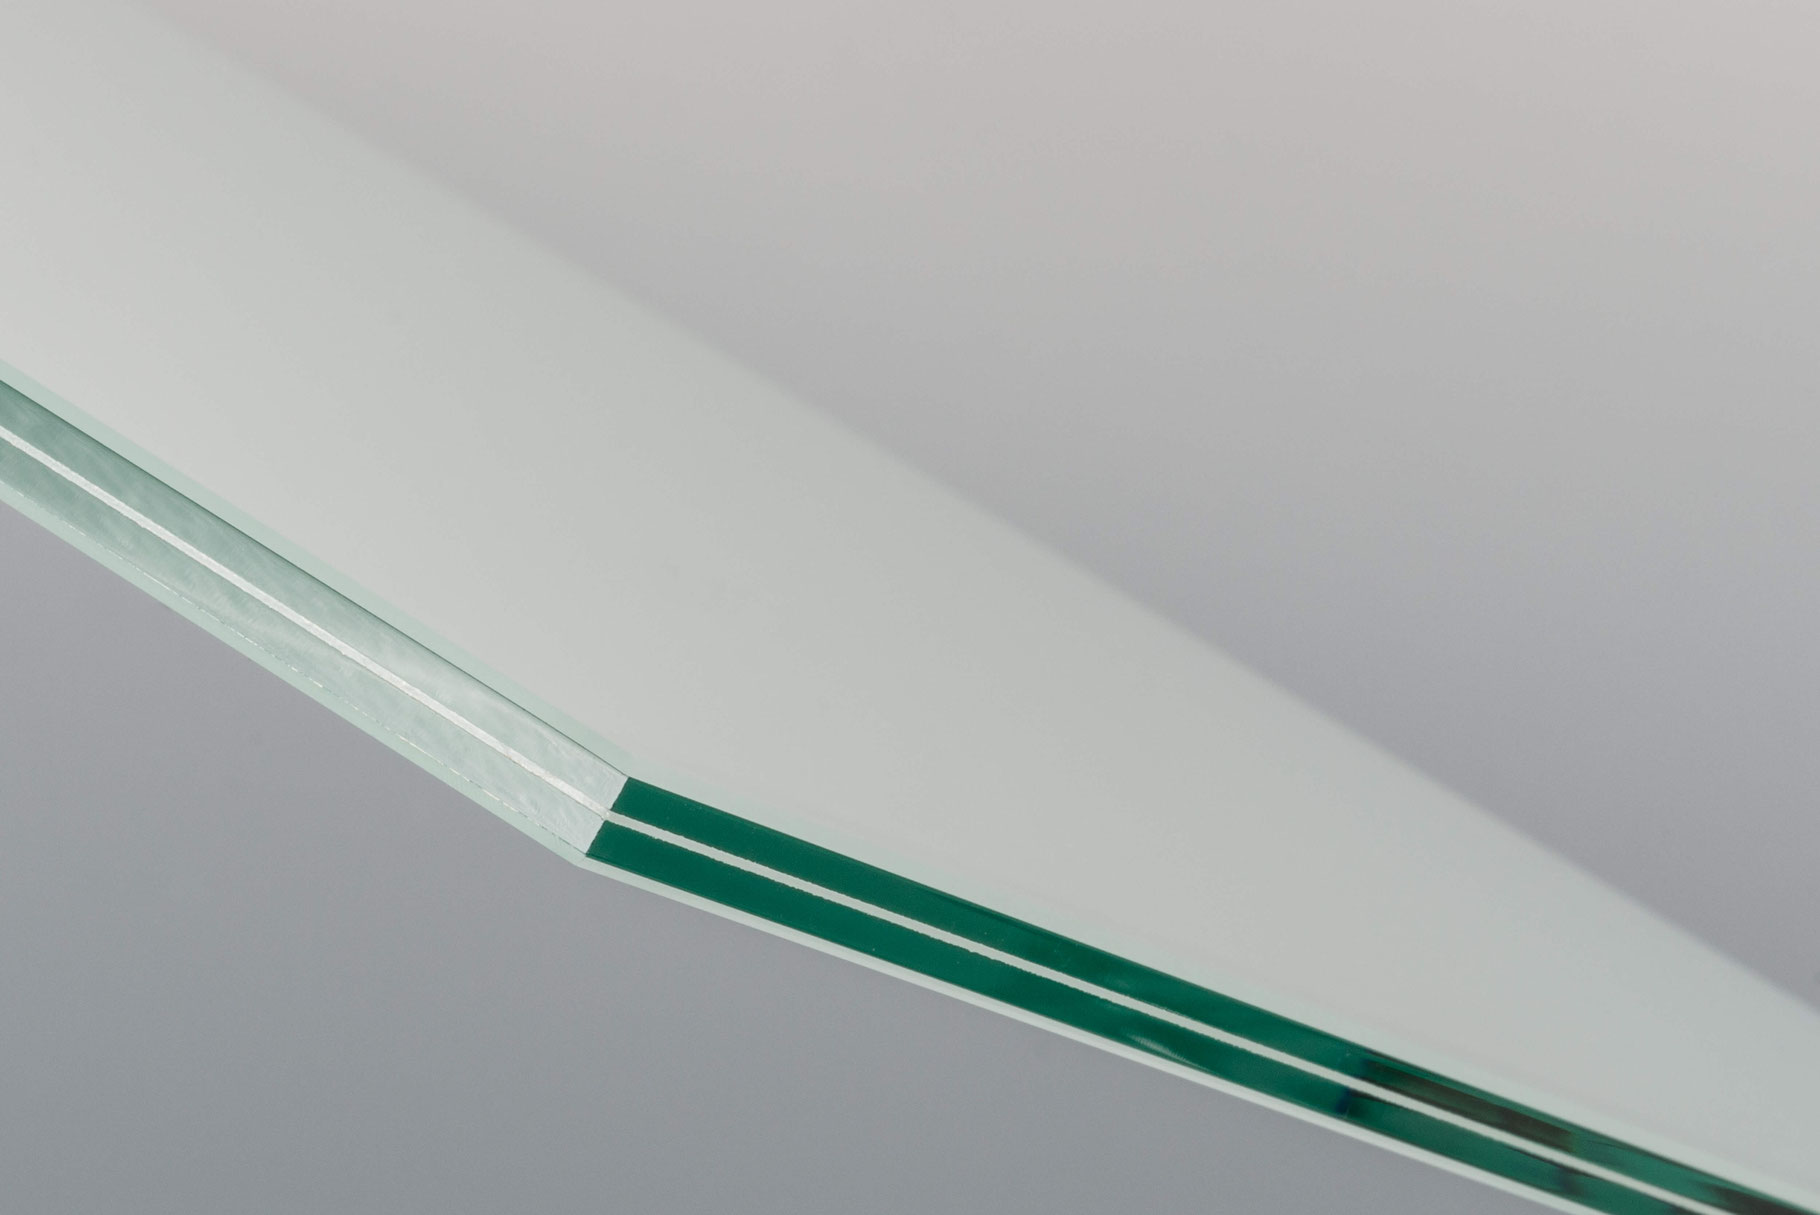 vsg glas 8mm matt, vsg aus esg float 16.76mm matt - sicherheitsglas beim hersteller kaufen, Design ideen